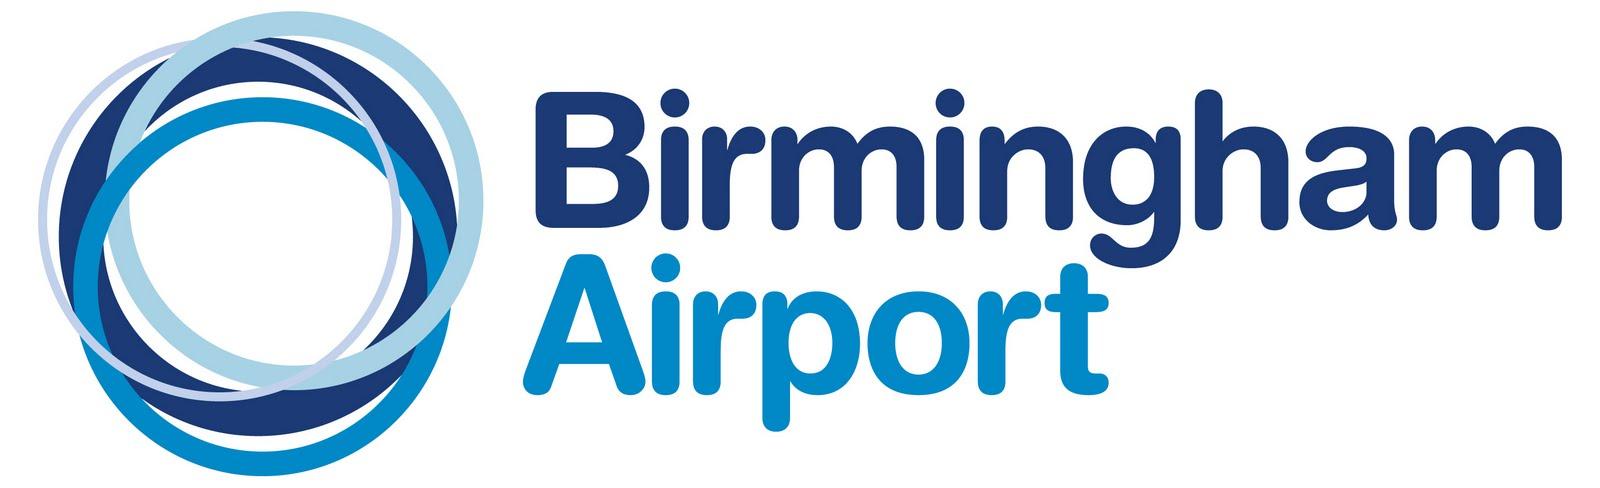 BHX logo_PMS_281_PB_6_B6FFE.JPG